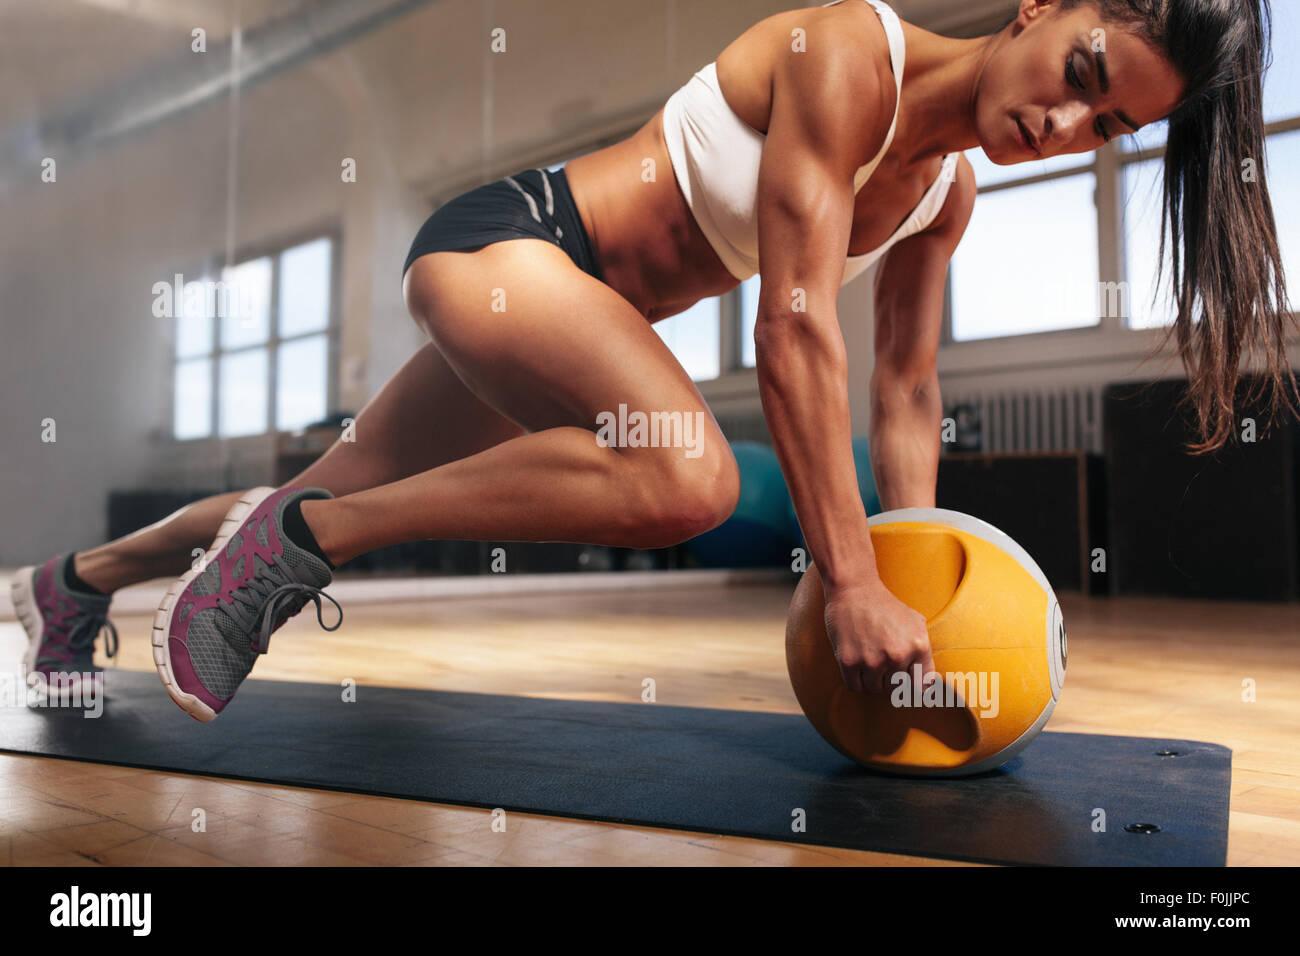 Donna muscolare facendo nucleo di intenso allenamento in palestra. Femmina forte nucleo facendo esercizio sul tappetino Immagini Stock